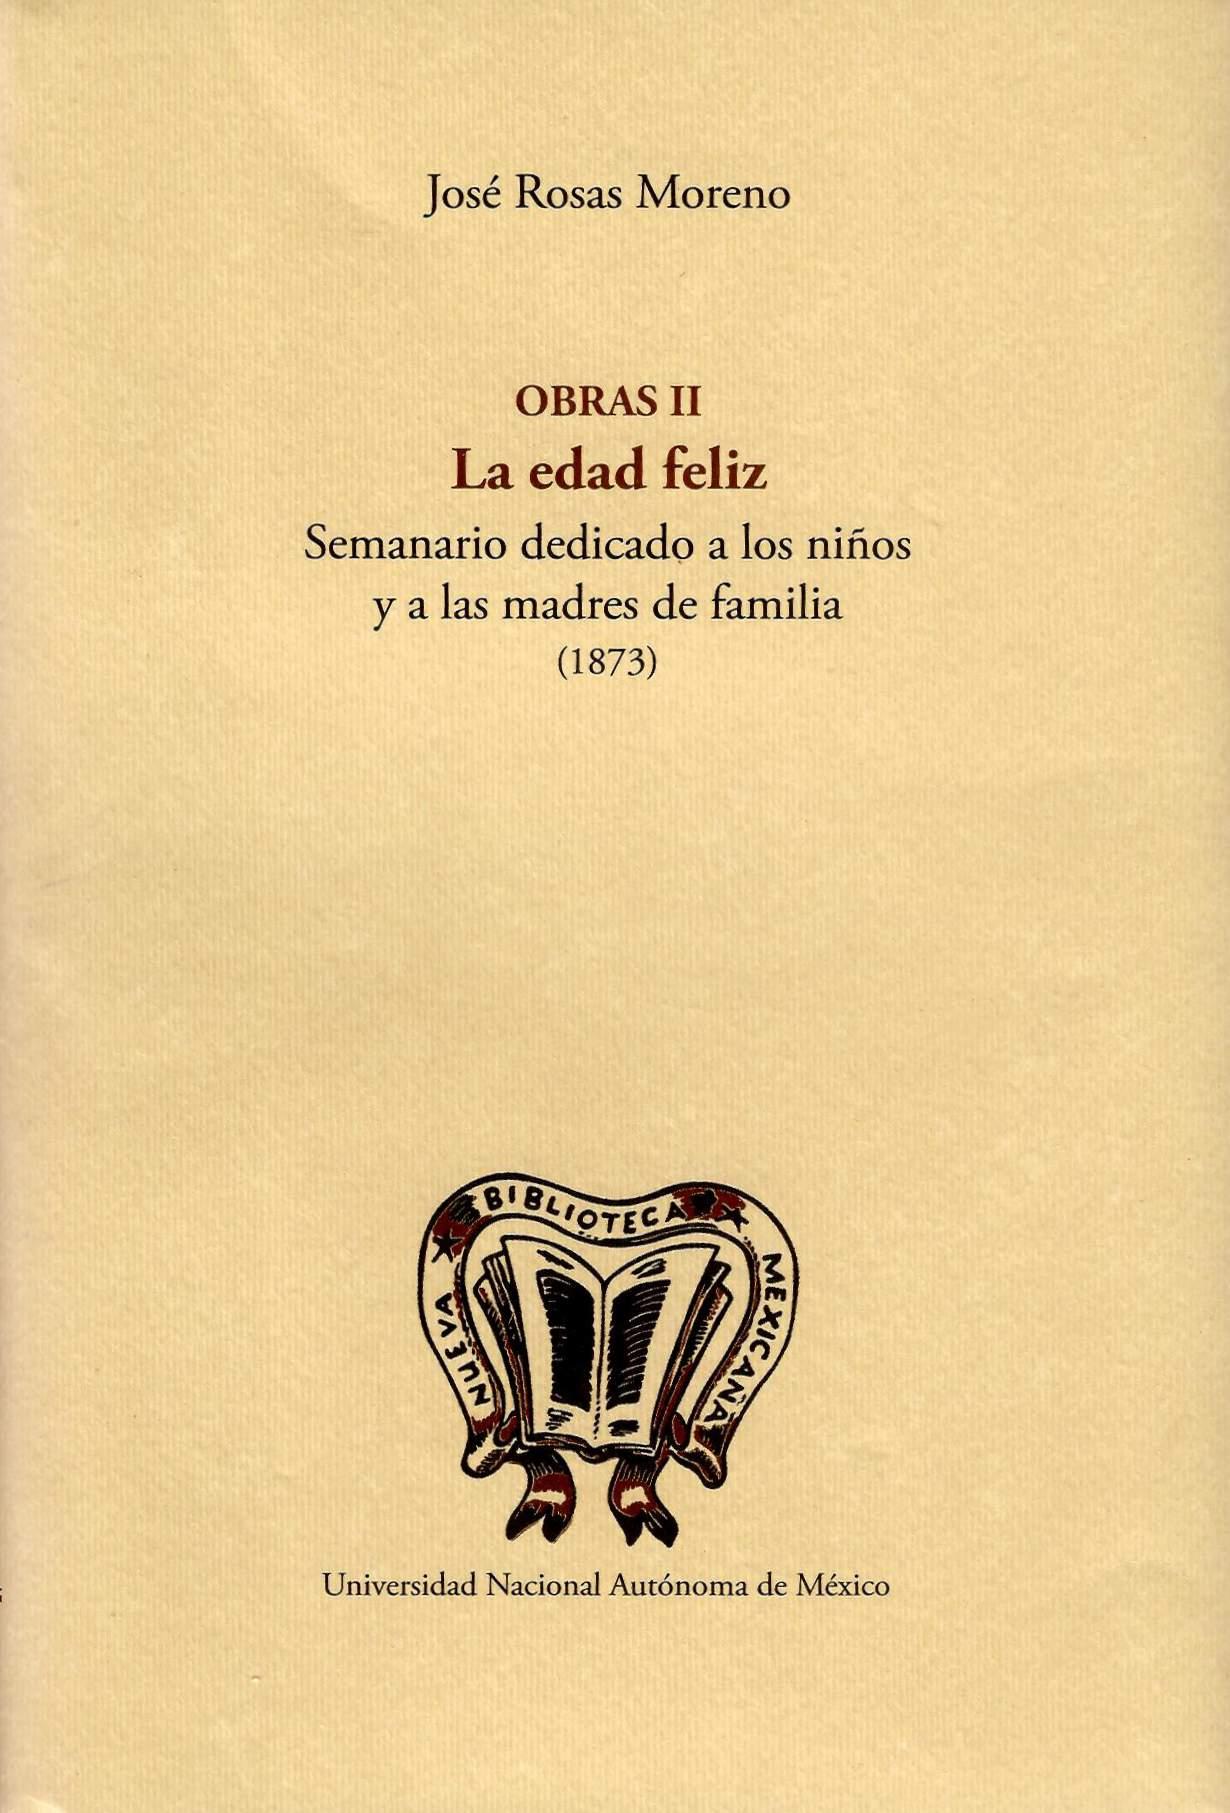 Obras II. La edad feliz. Seminario dedicado a los niños y a las madres de familia (1873)